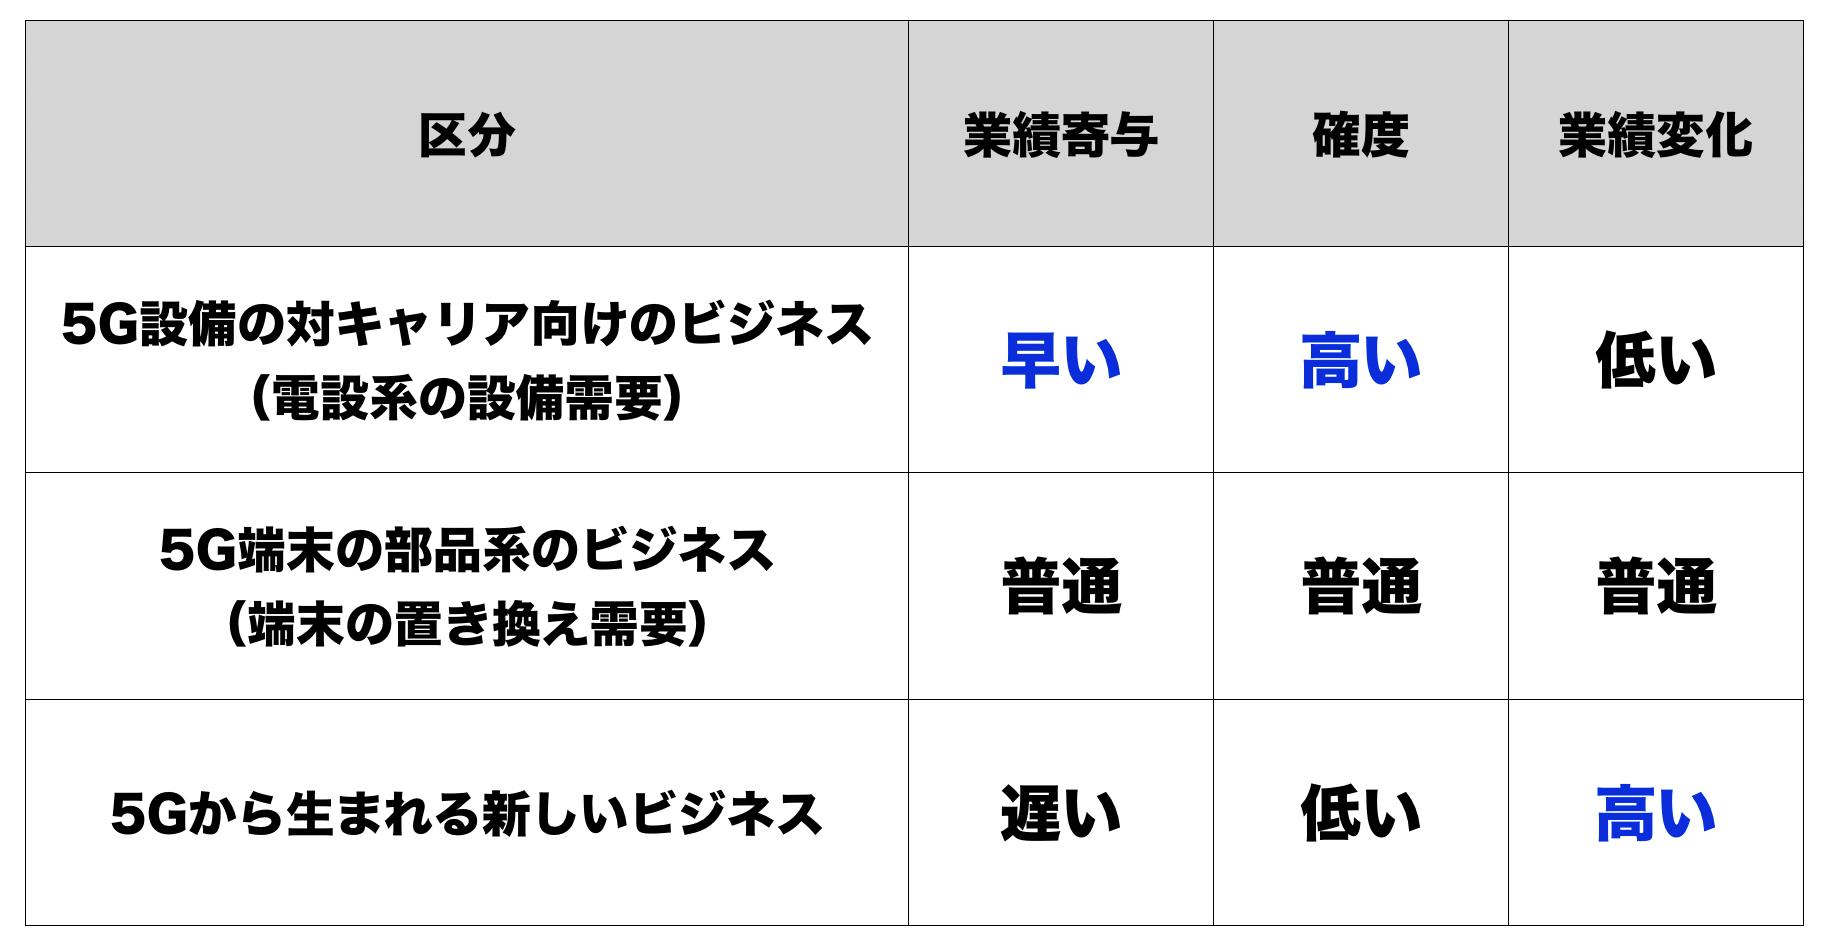 企業 5g 関連